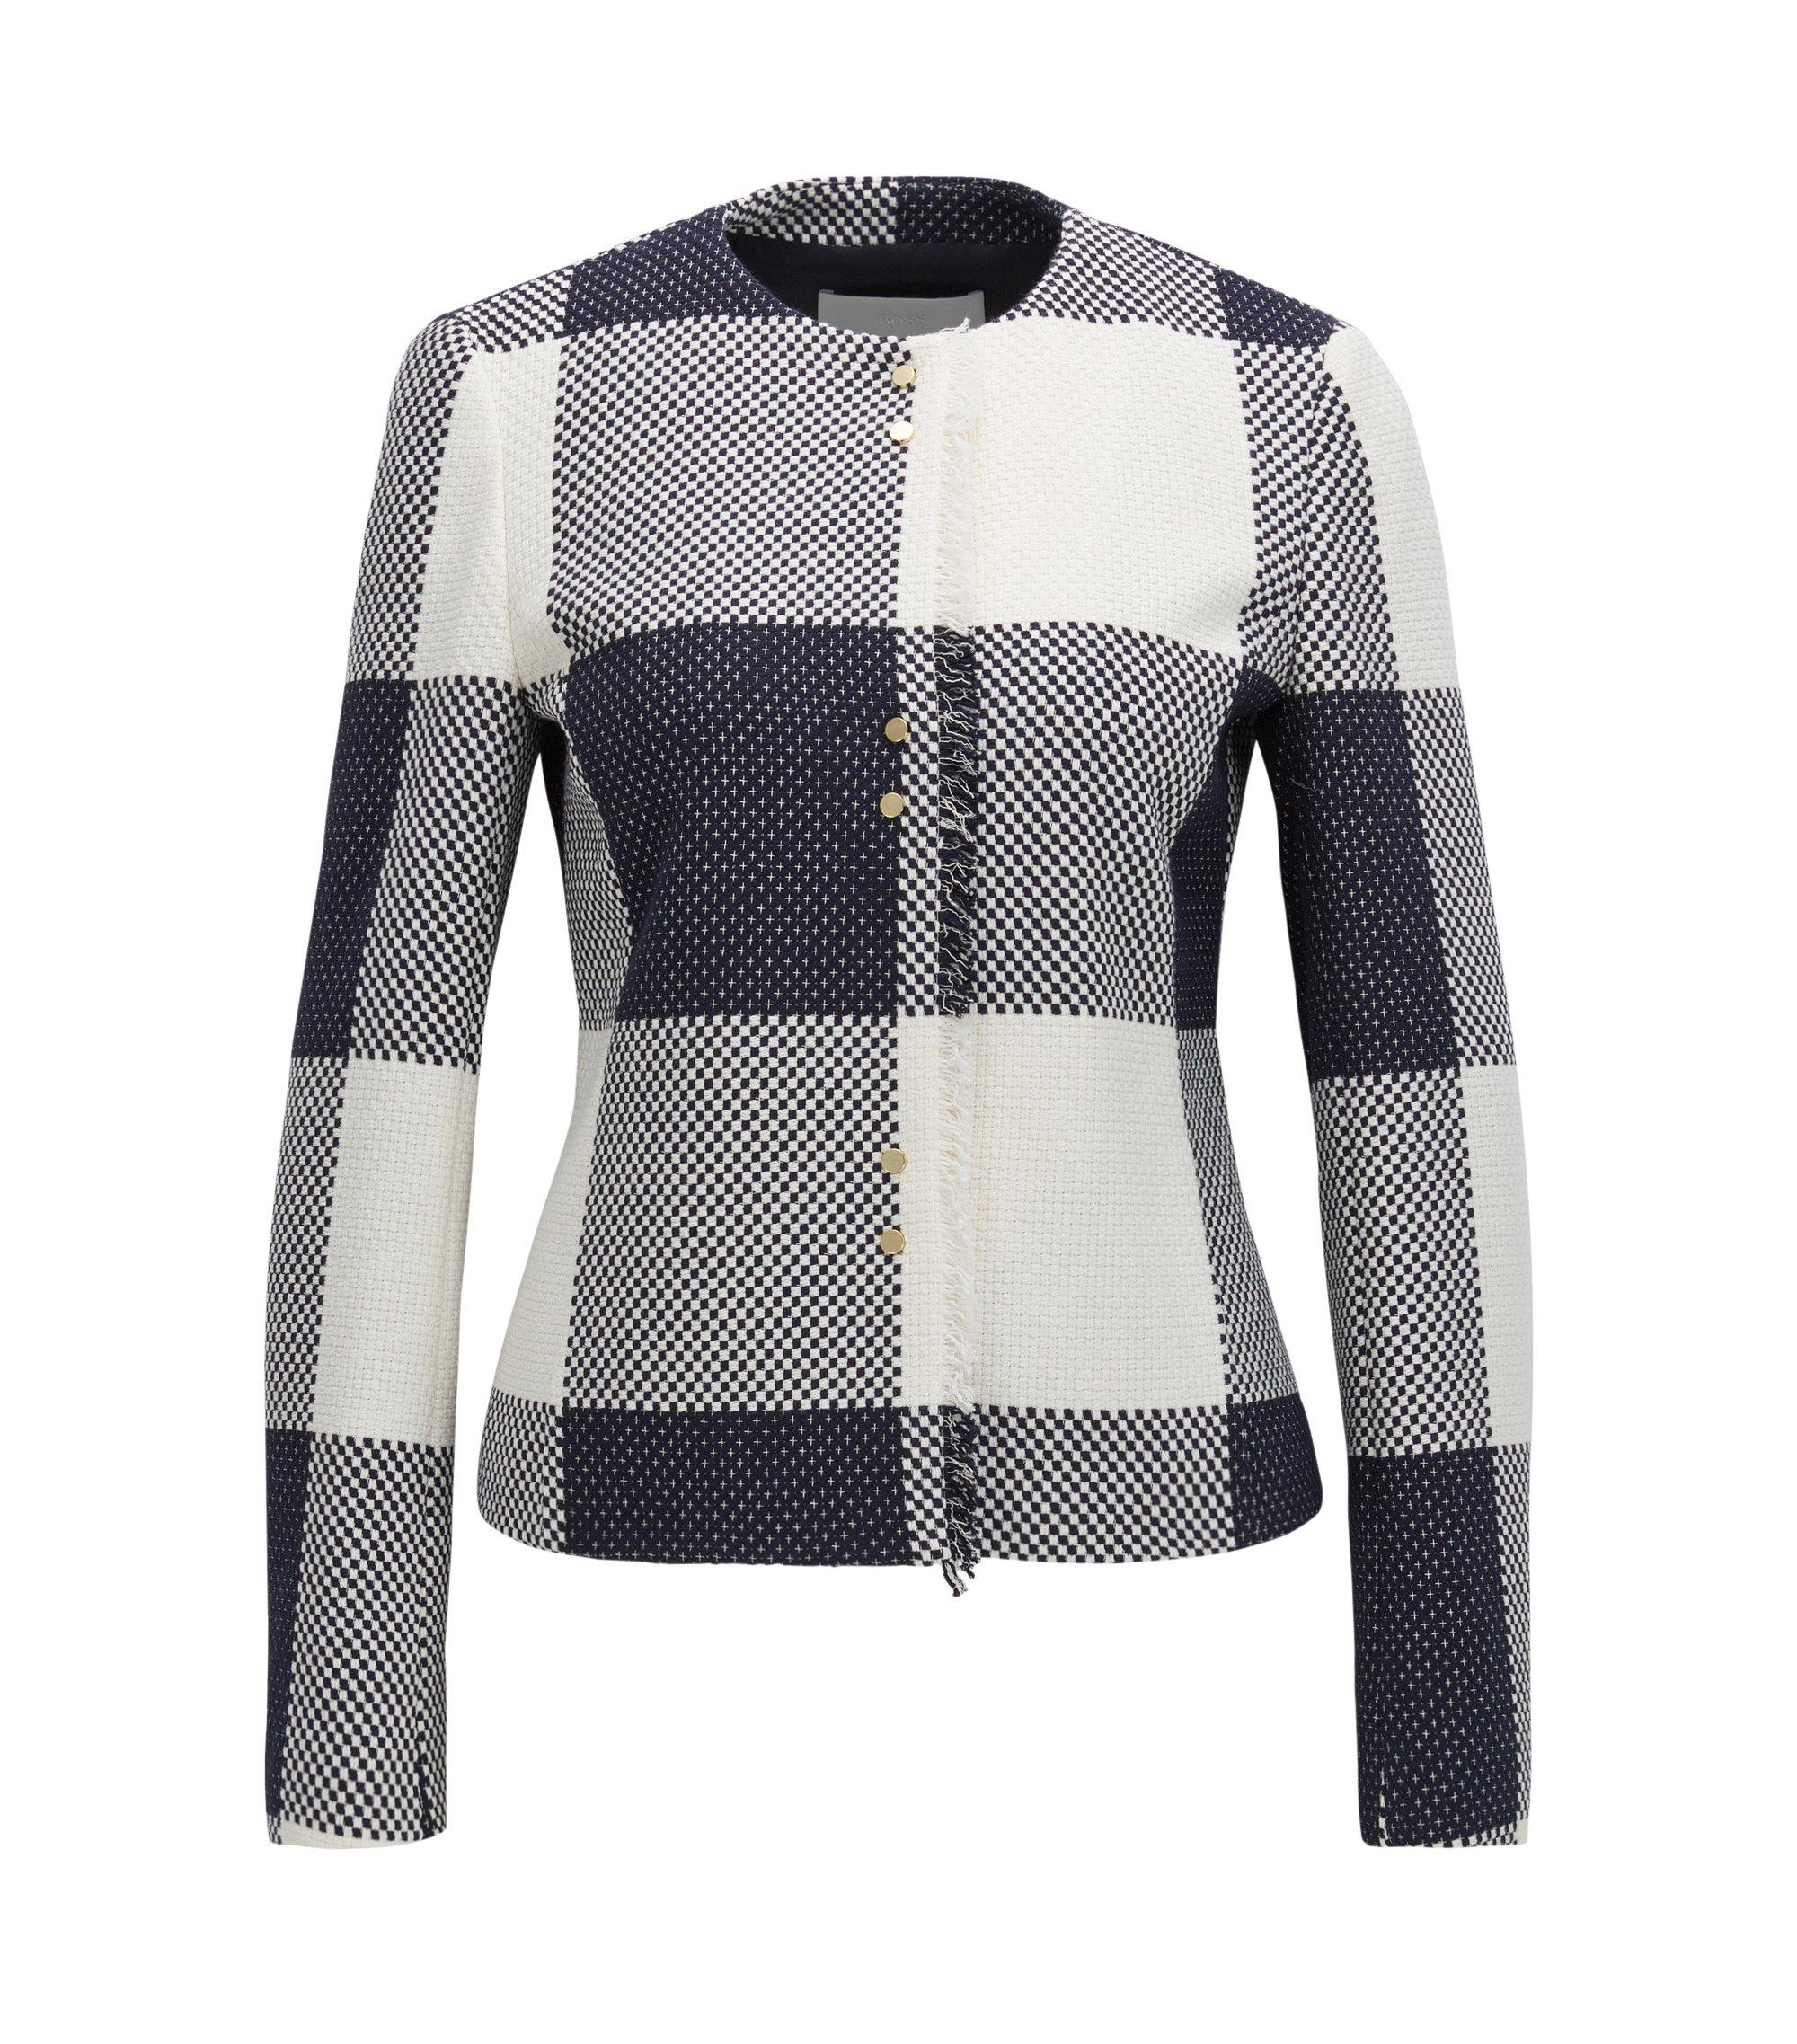 Gingham Cotton Jacket | Karolie, Patterned